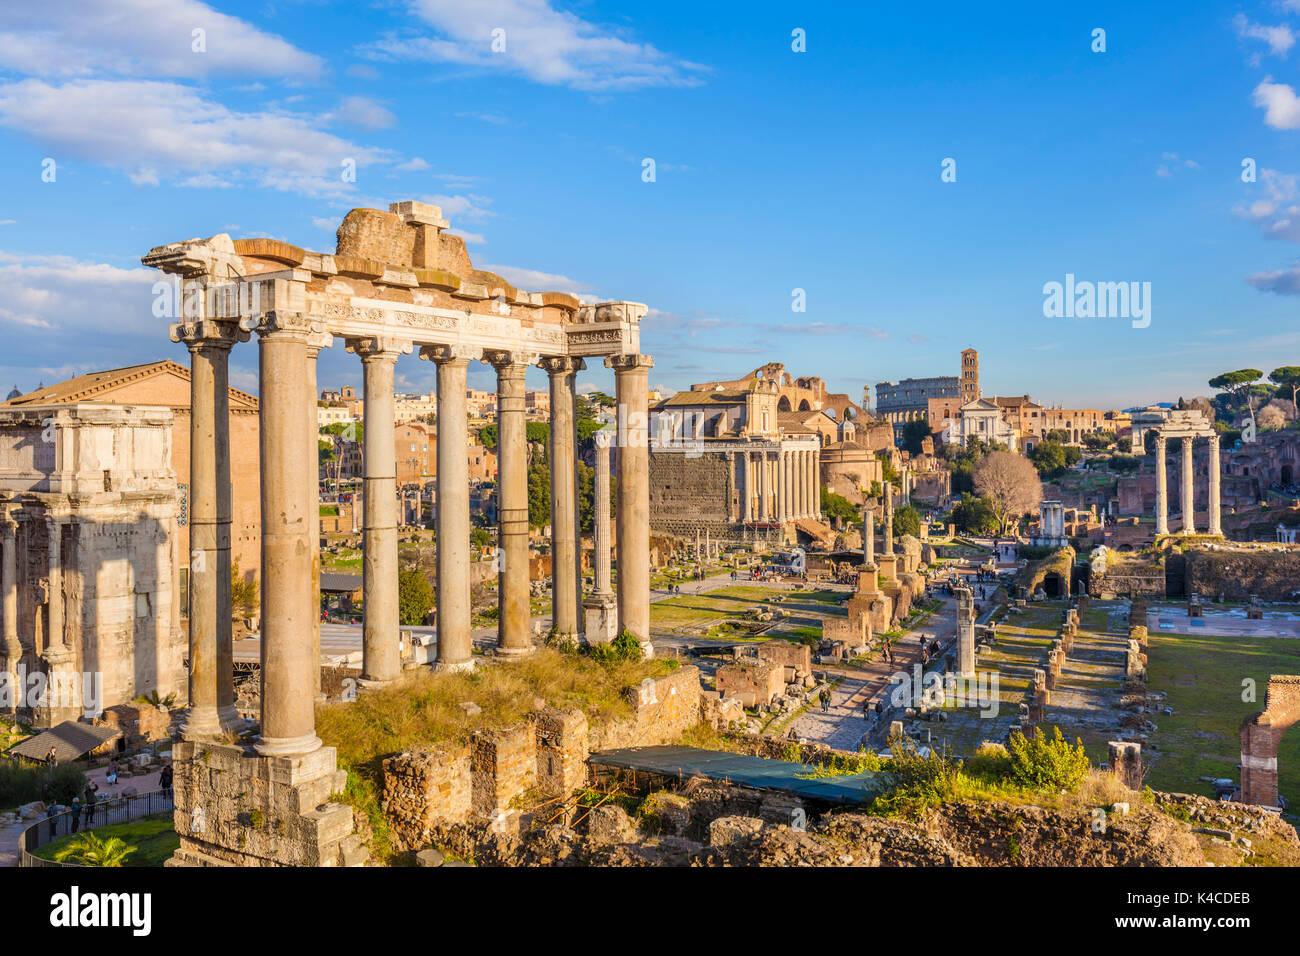 Rom Italien die Spalten der Tempel des Saturn und Übersicht der zerstörten römischen Forum, UNESCO-Weltkulturerbe, Rom, Latium, Italien, Europa Stockbild